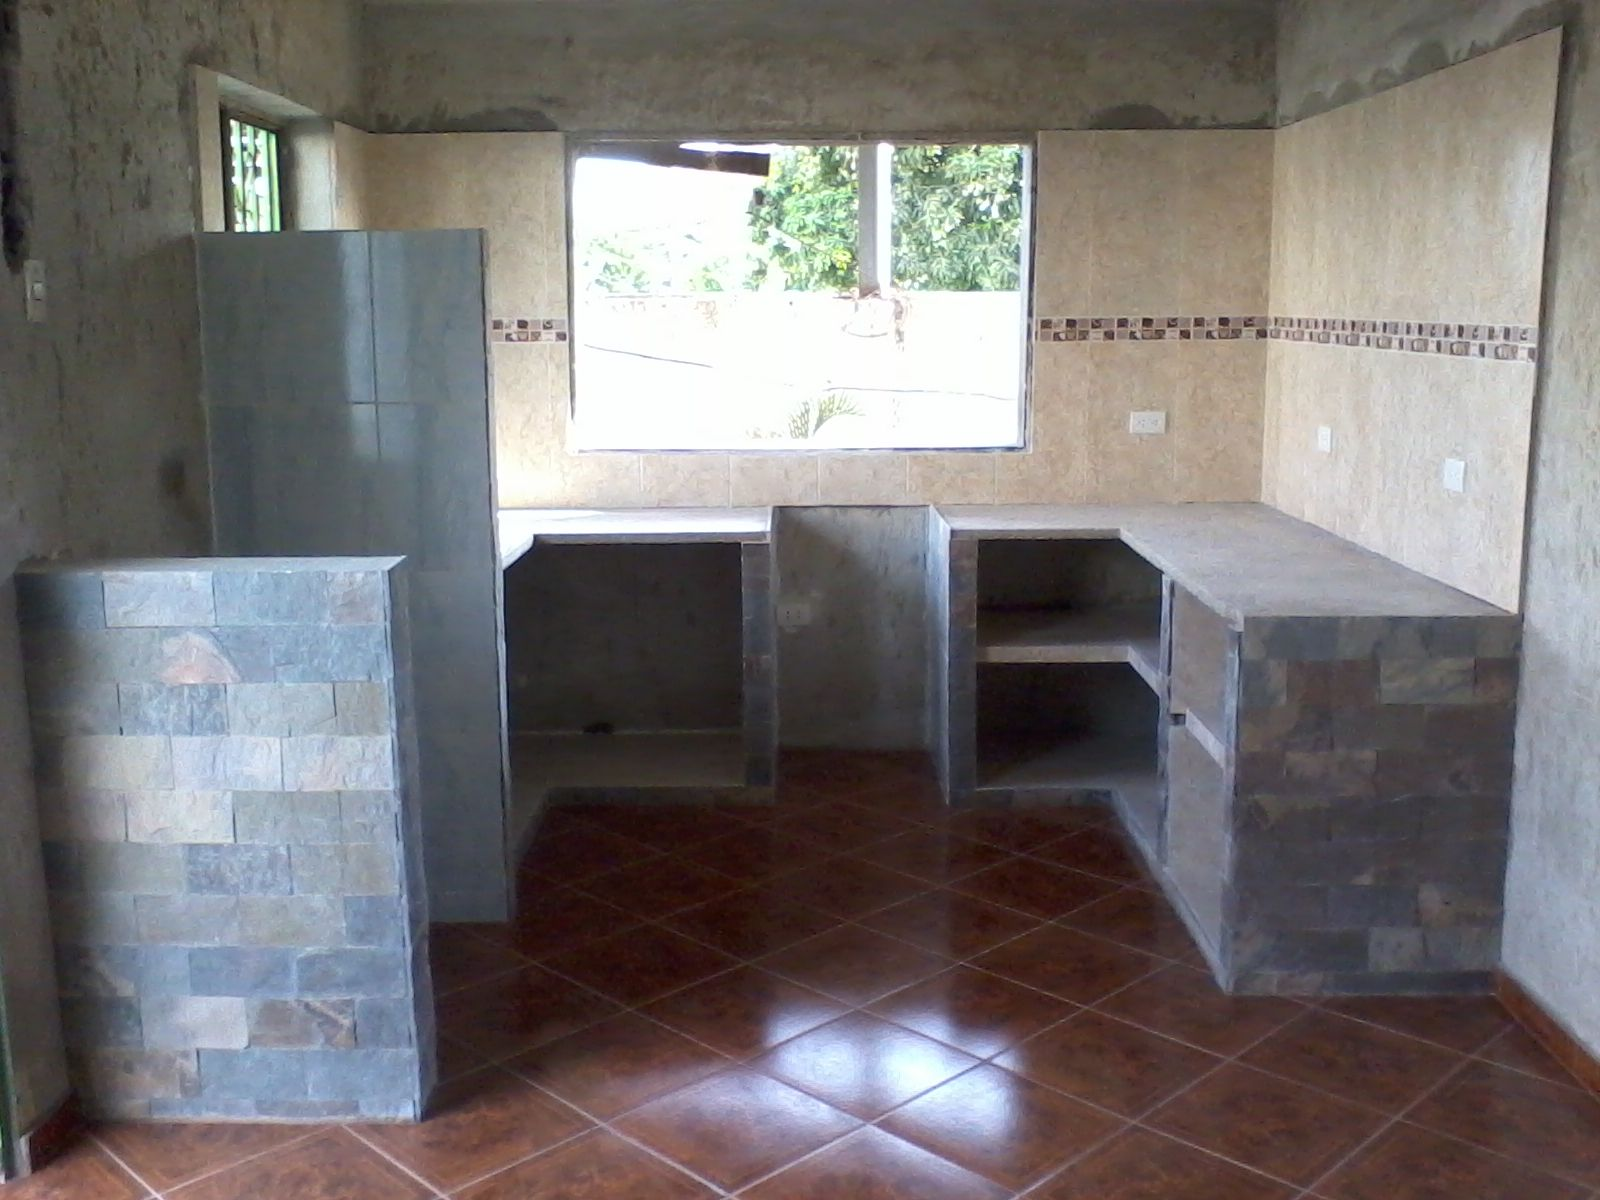 Cocina en mamposteria recubierta con ceramica y laja for Cocinas integrales de concreto pequenas